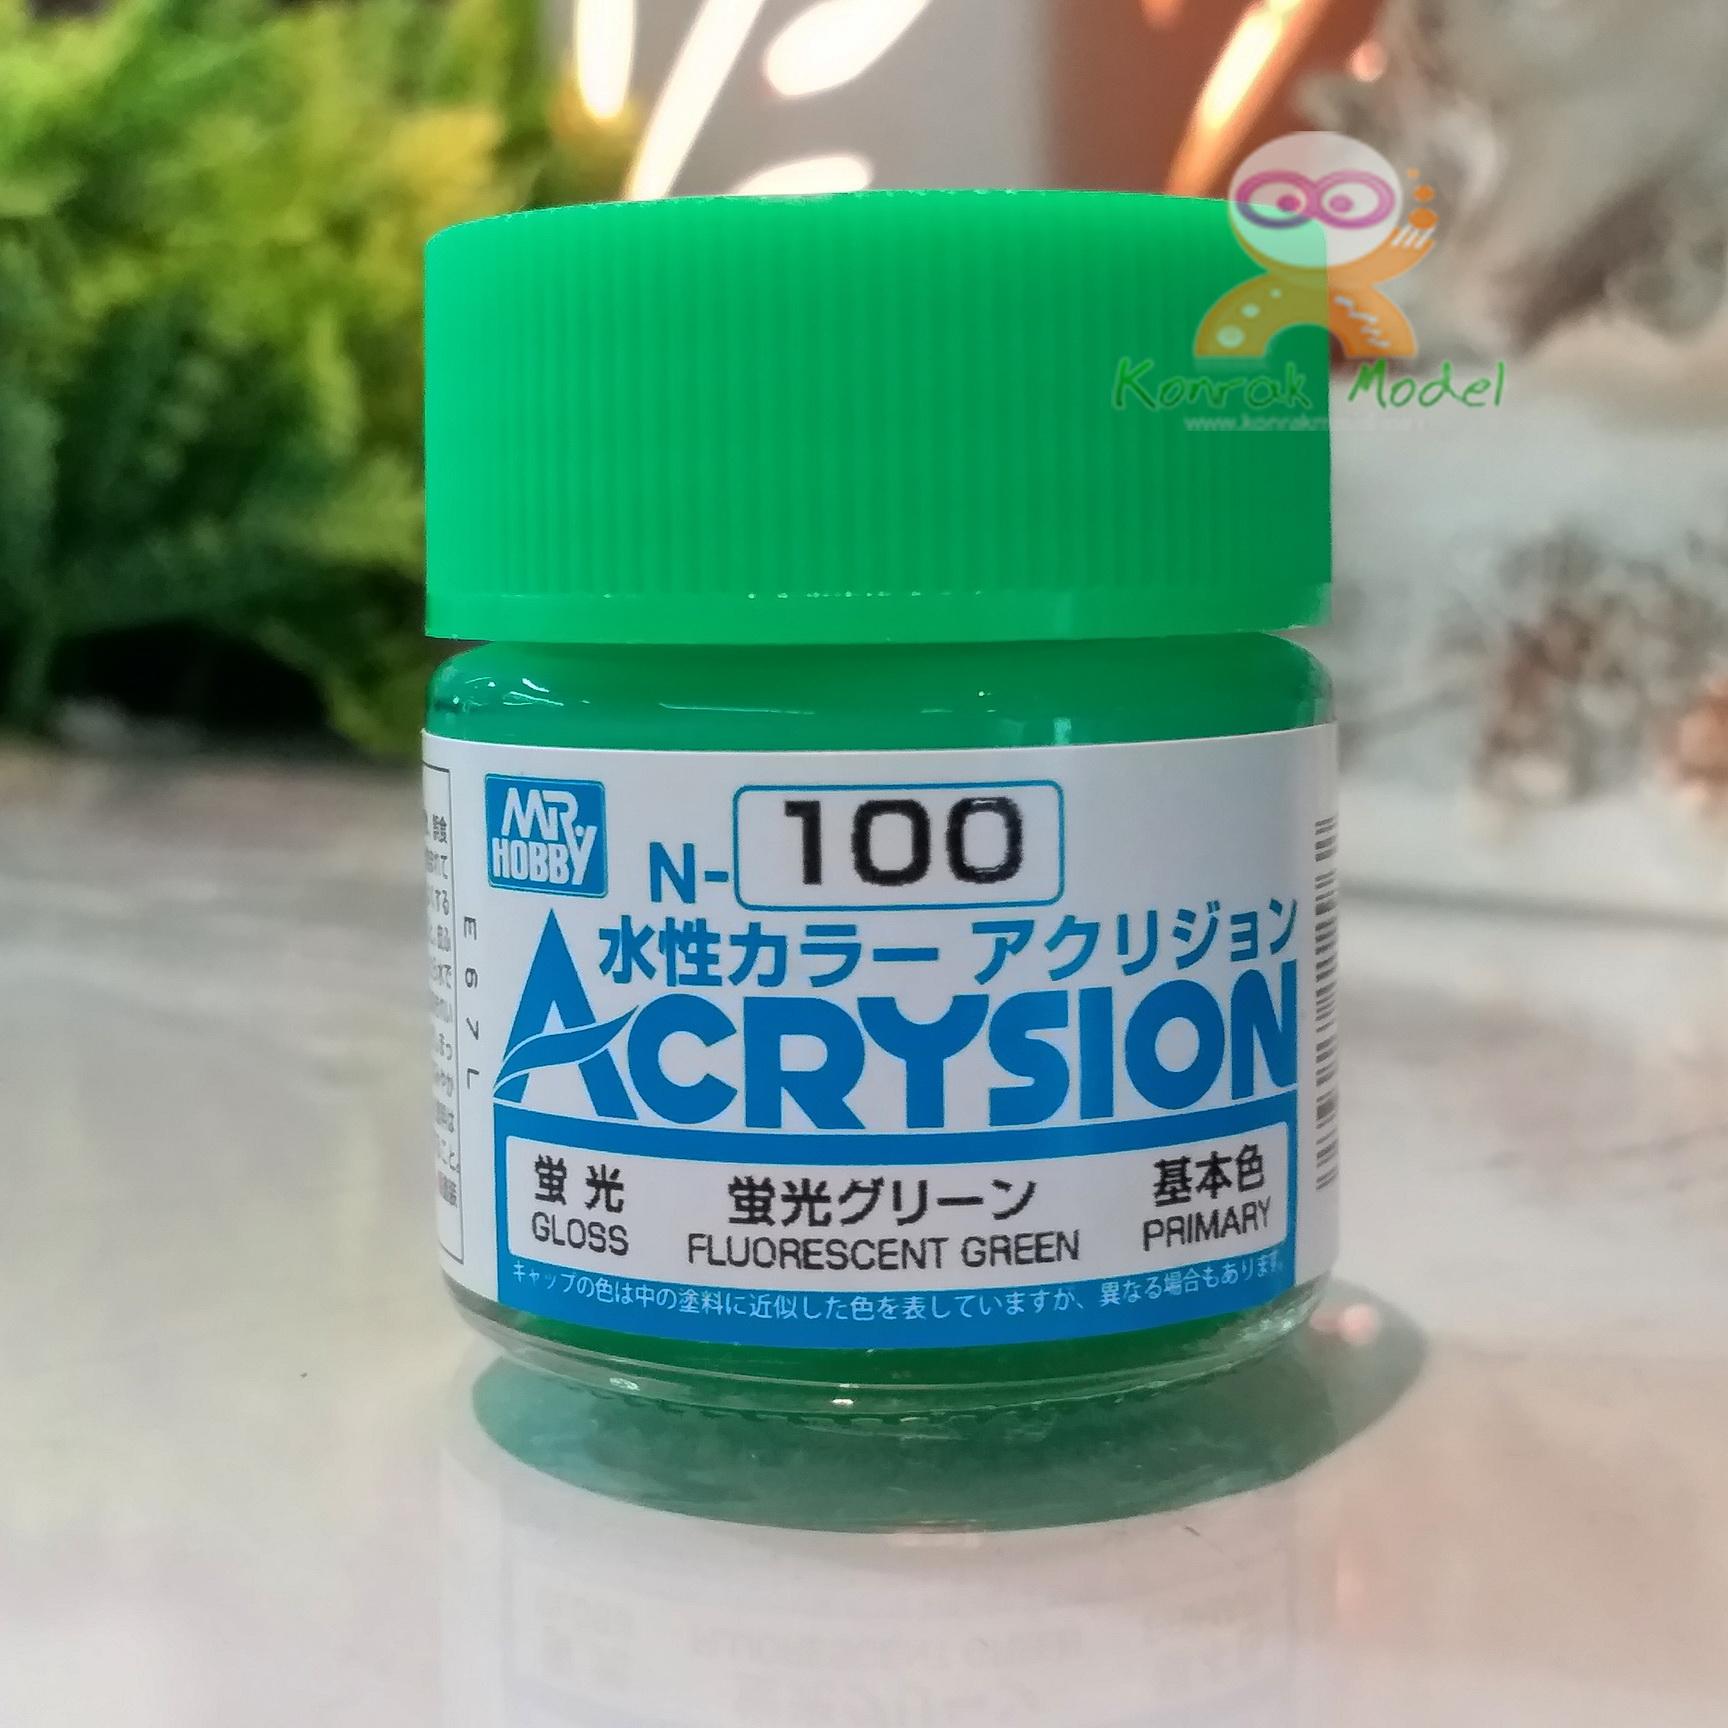 N100 FLUORESCENT GREEN (Gloss) 10ml